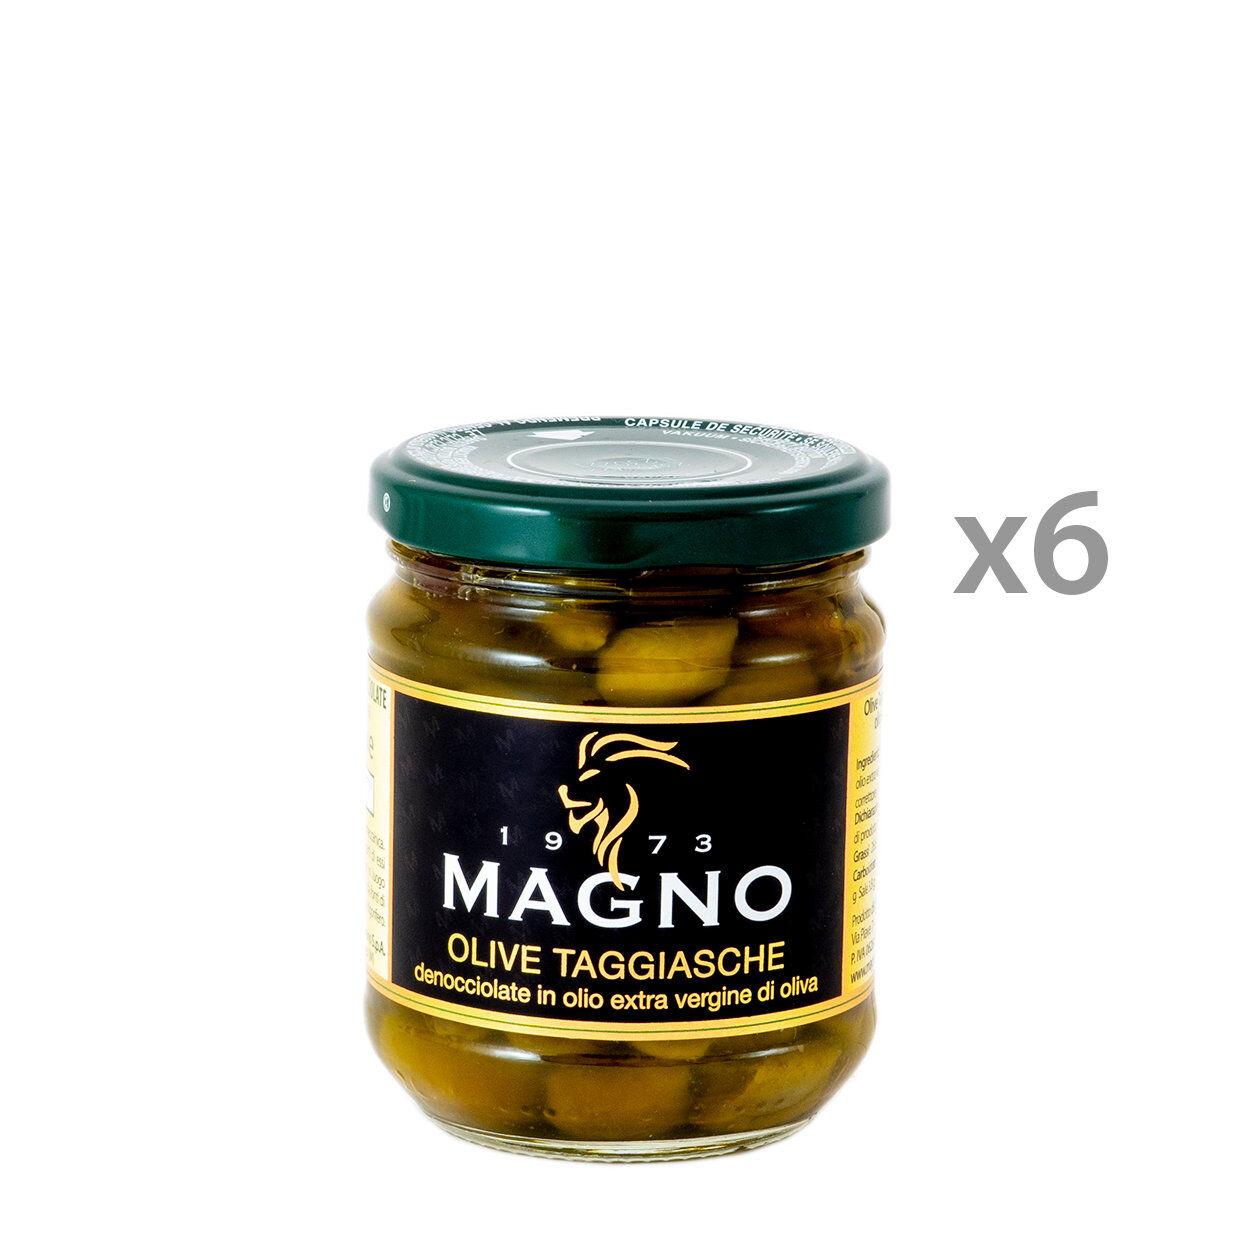 Magno 6 barattoli - Olive Taggiasche denocciolate in olio EVO 212 gr